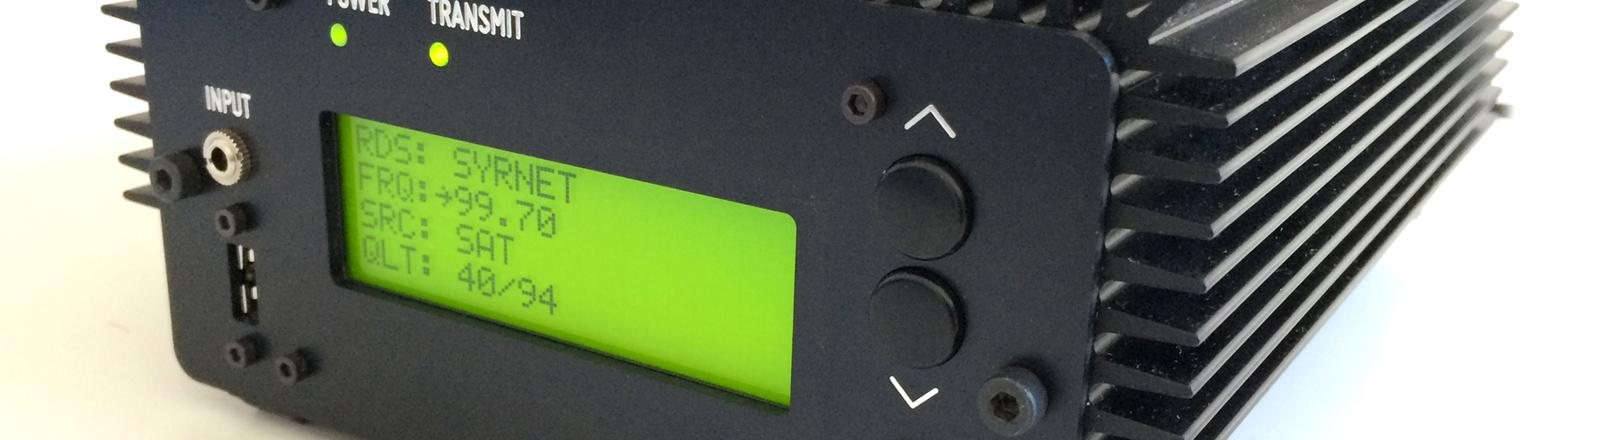 Das Radiosendegerät Pocket FM